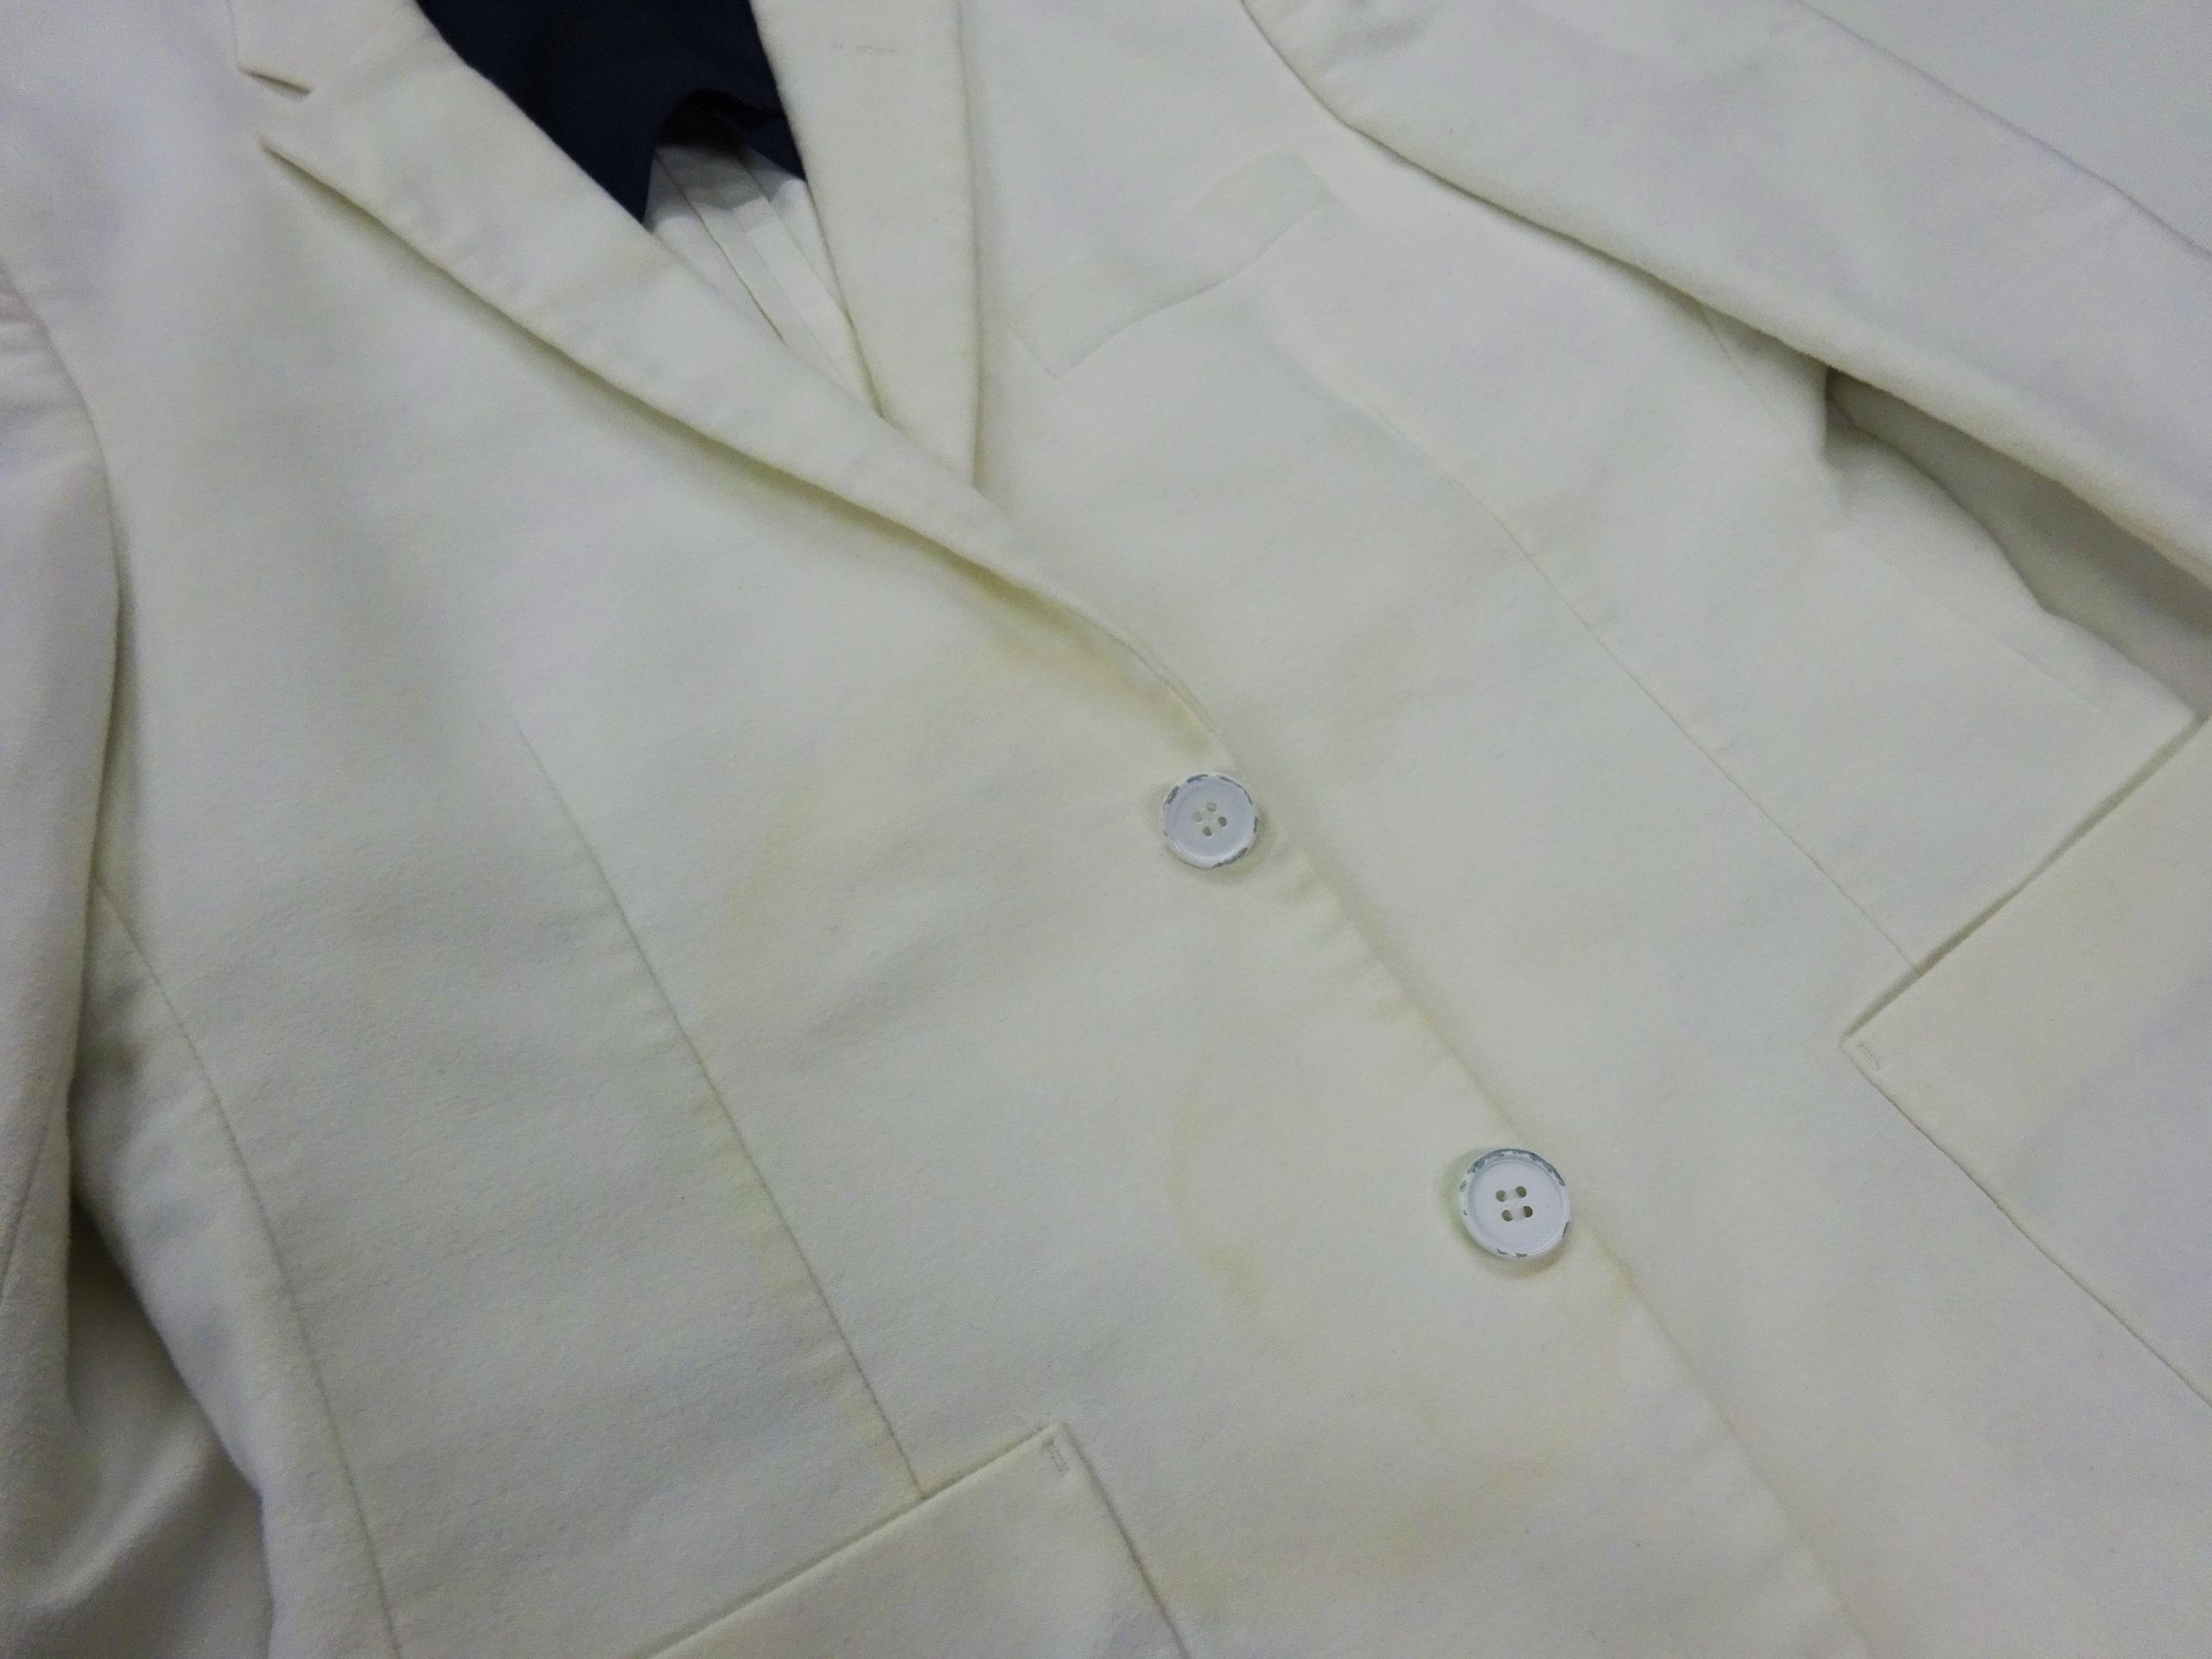 ウールジャケット黄ばみしみ処理1